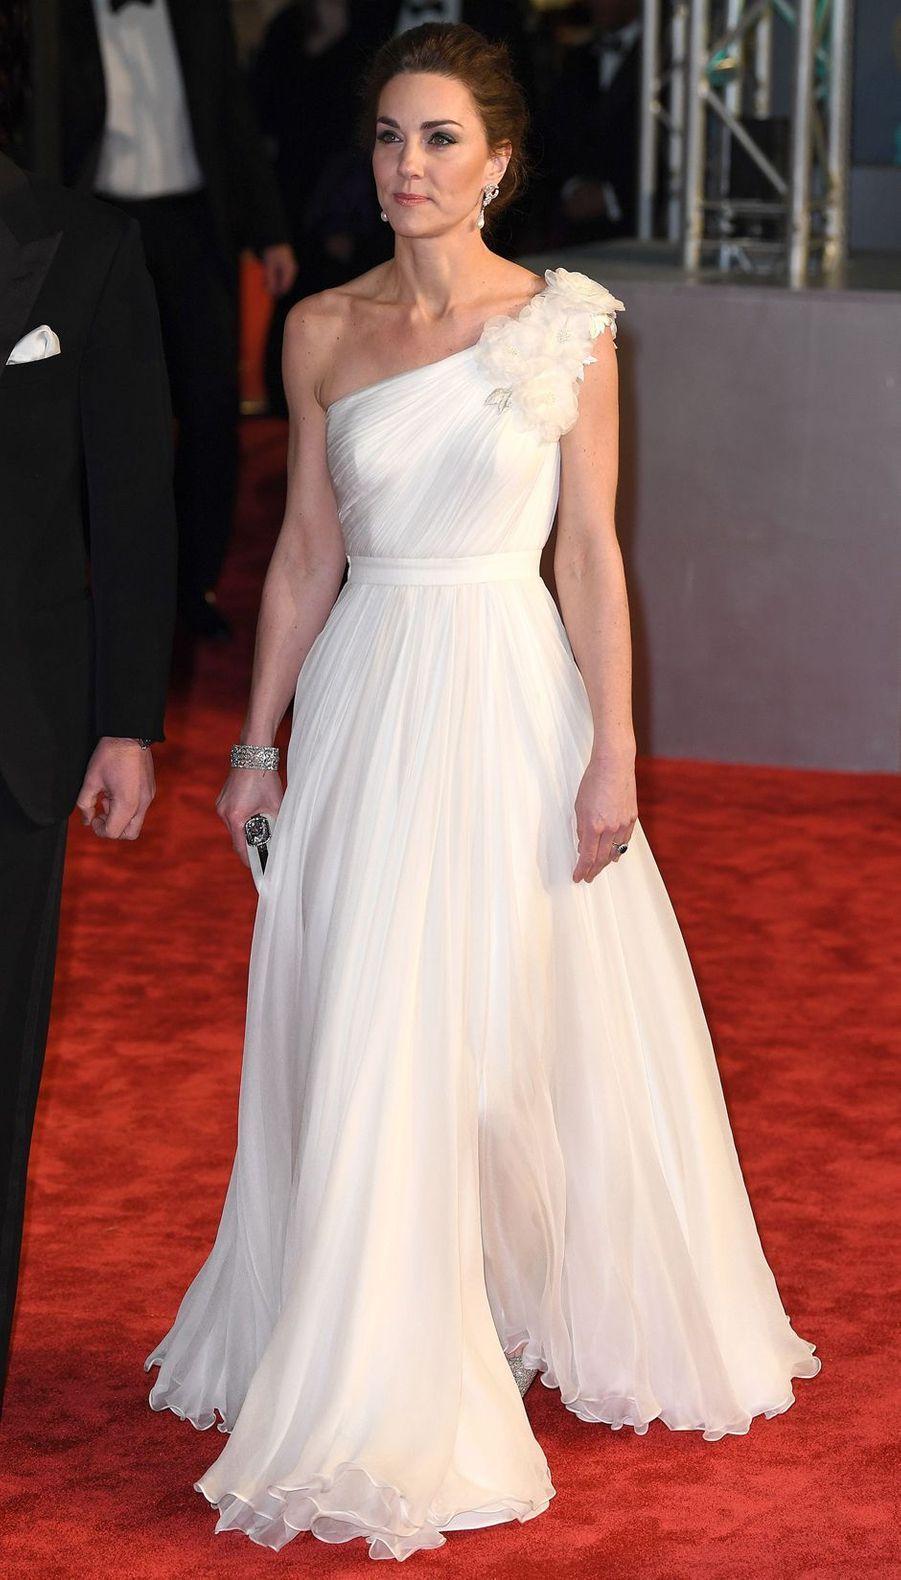 La duchesse de Cambridge, Kate Middleton, dans une robe Alexander McQueen, le 10 février 2019 à Londres